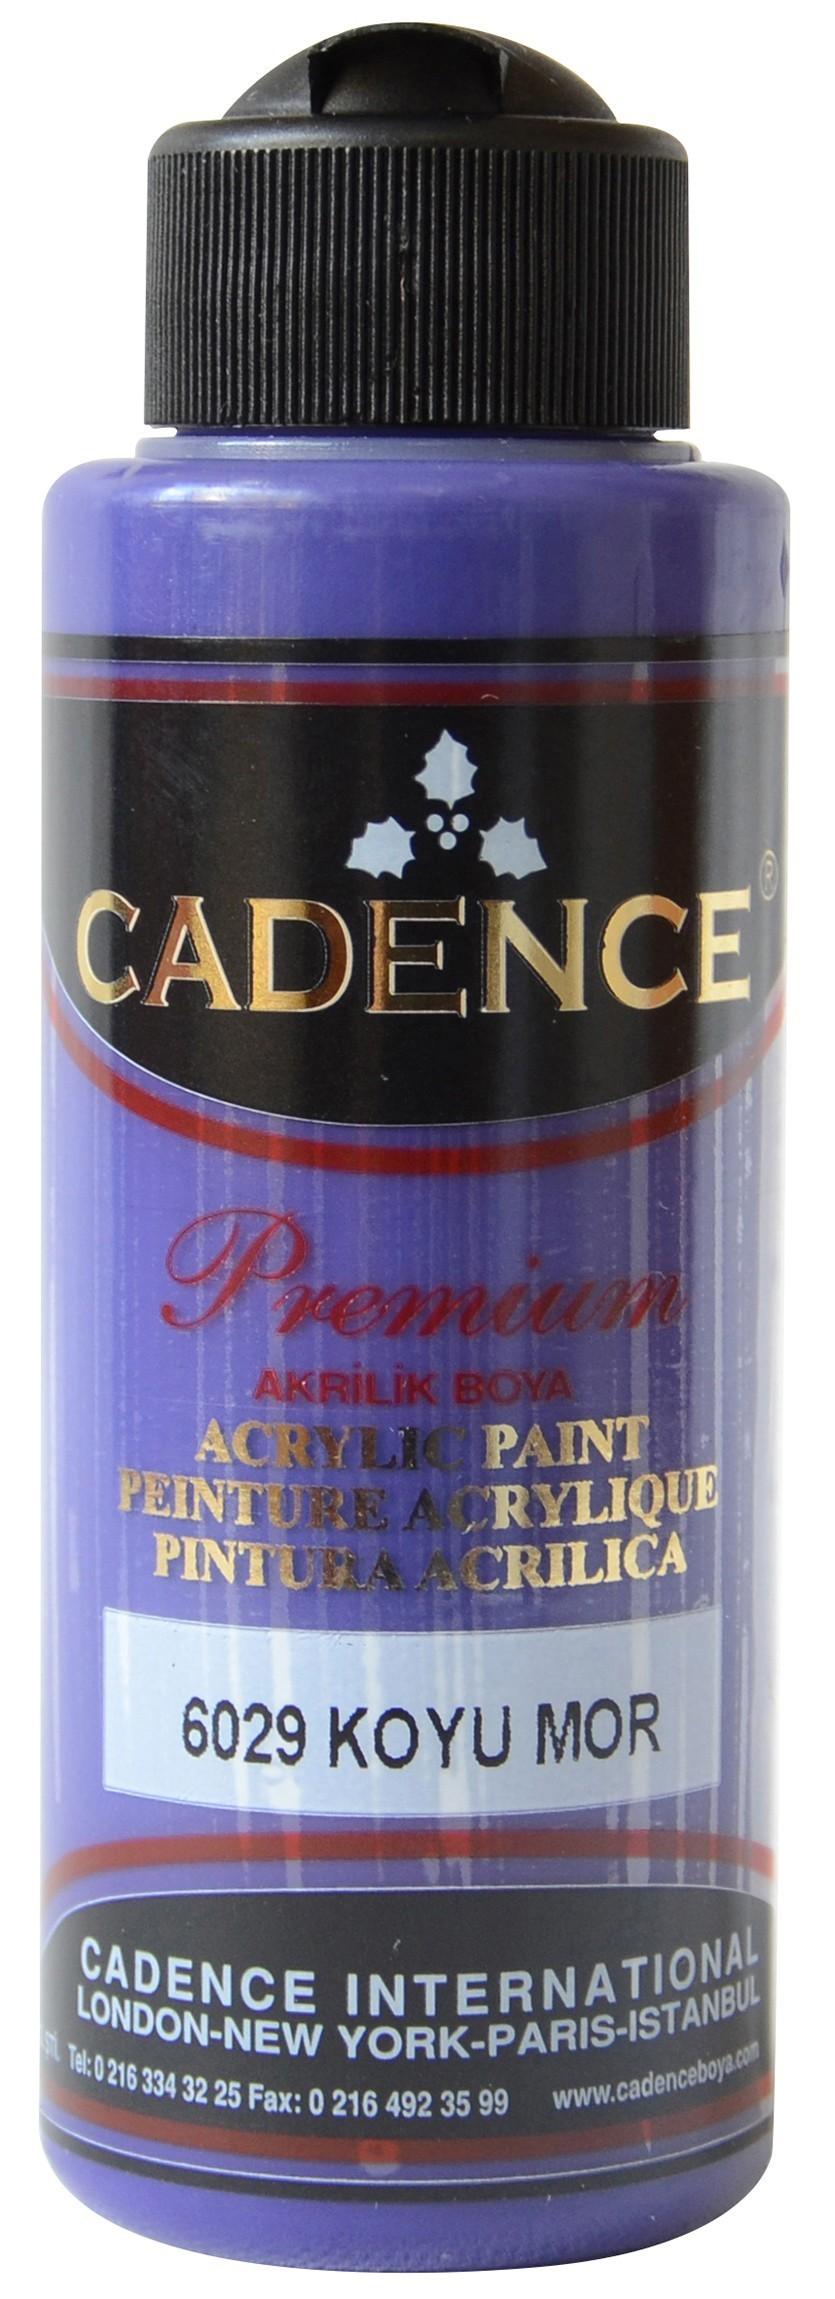 Cadence Akrilik Boya 120ML(cc) 6029 Koyu Mor